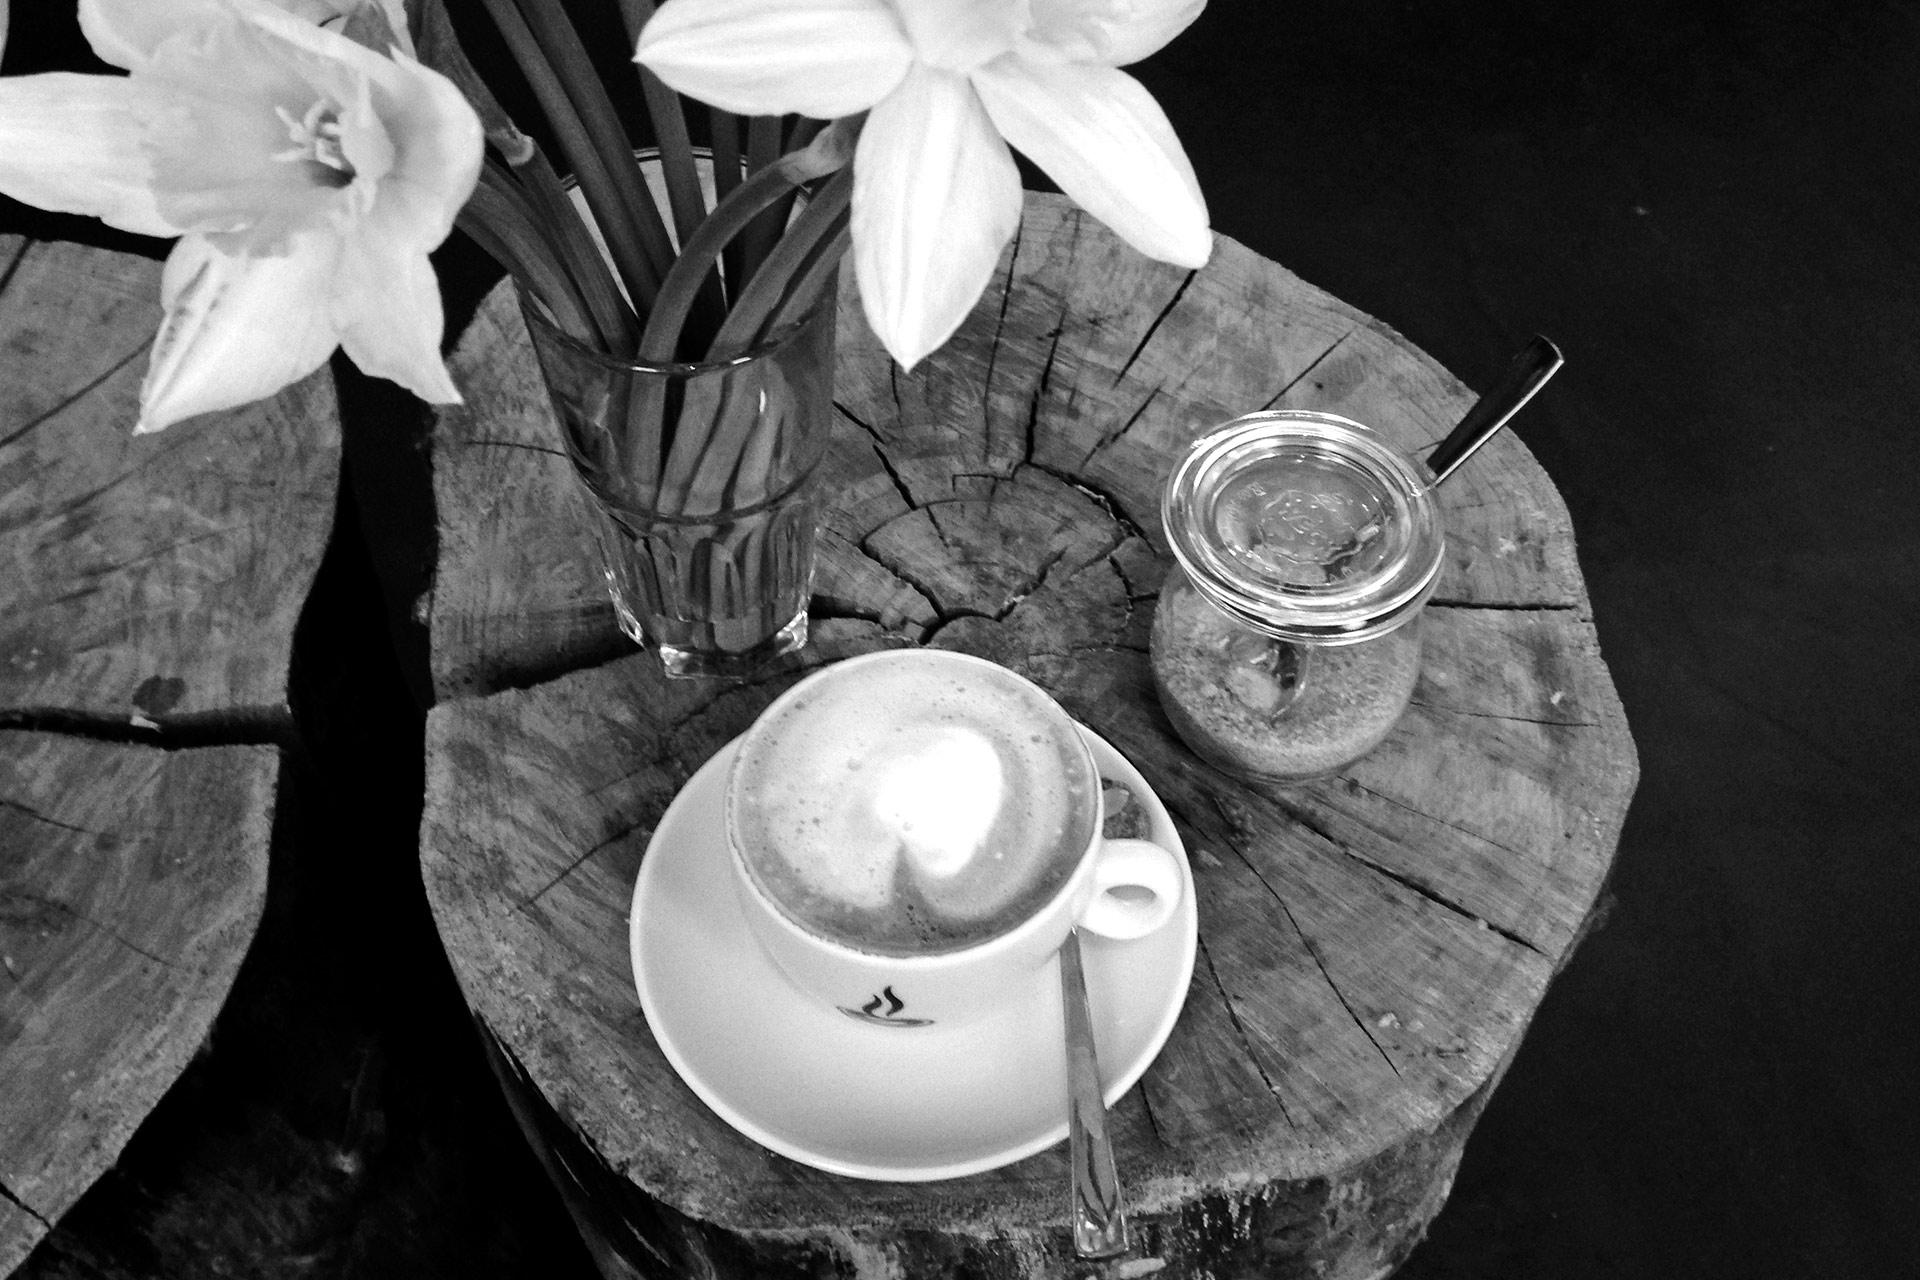 KOFFEIN IM BLUT: Ein Espresso ist Rennradkultur und macht Druck – feiner nussiger Bohne von Supremo im Cappuccino in der LEHMANN Pattisserie © stefandrexl.de